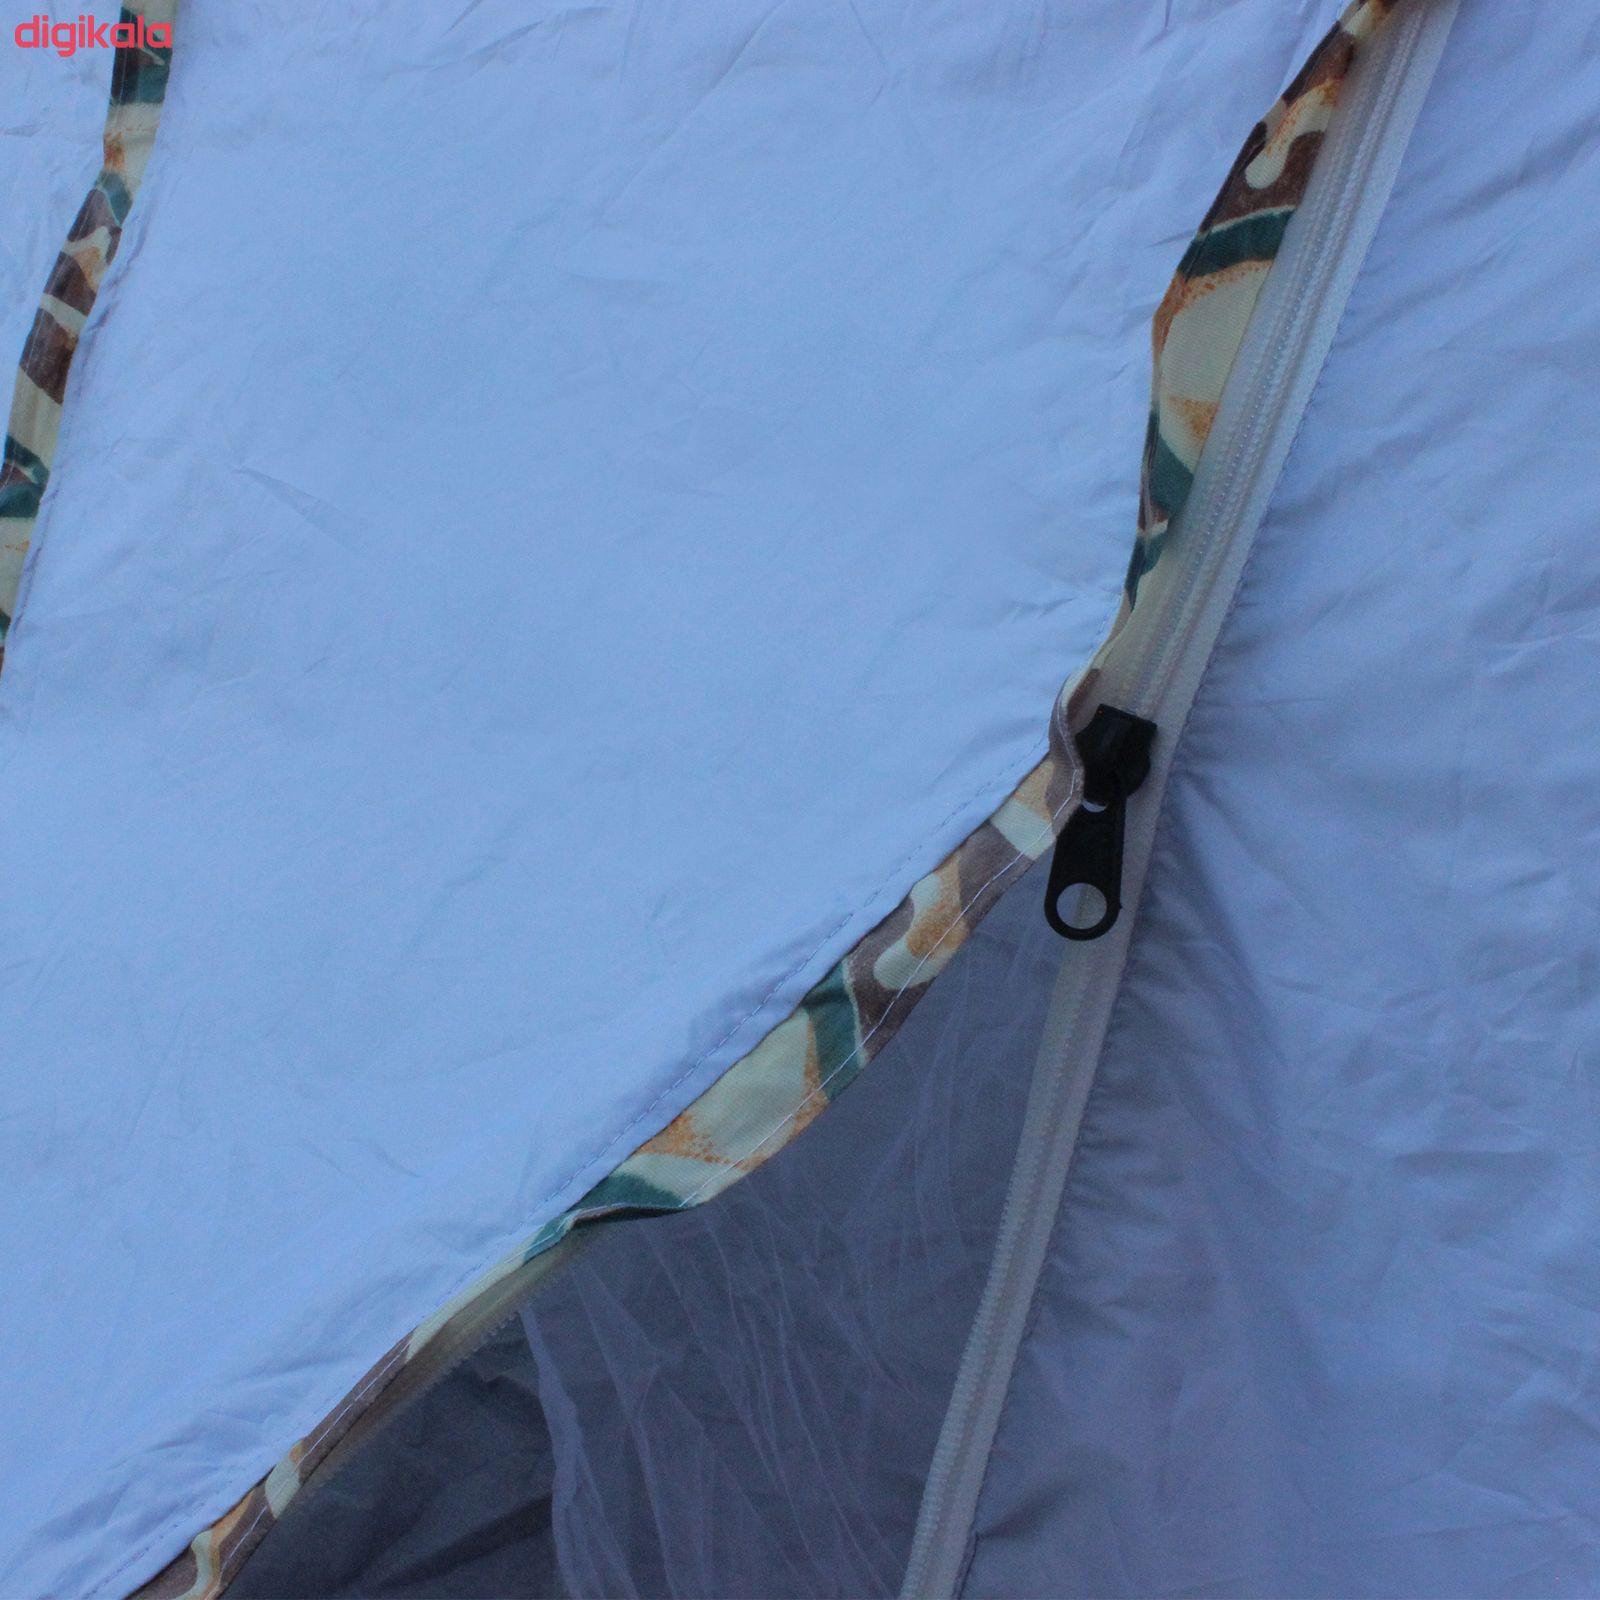 چادر مسافرتی 8 نفره مدل TAYSIZ01 main 1 2